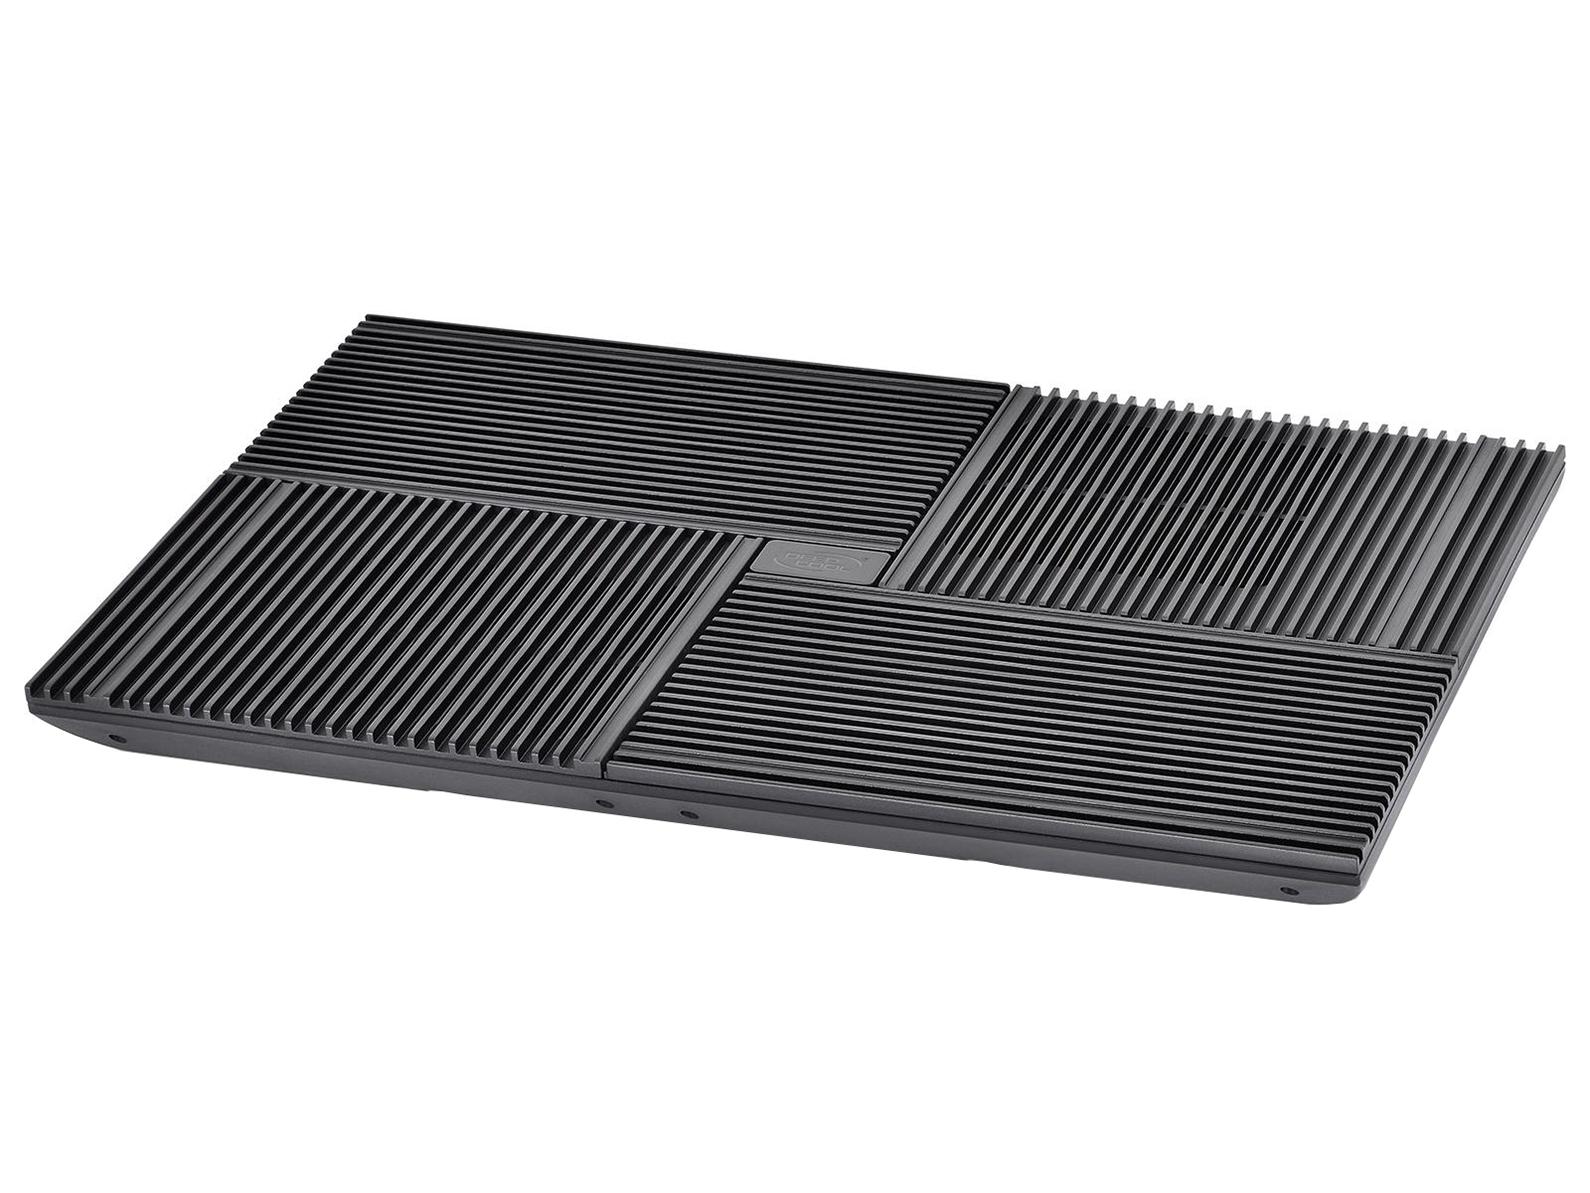 Подставка для ноутбука Deepcool Multi Core X8, Black подставка для ноутбука 15 6 deepcool multi core x8 100x100x15mm usb 23db